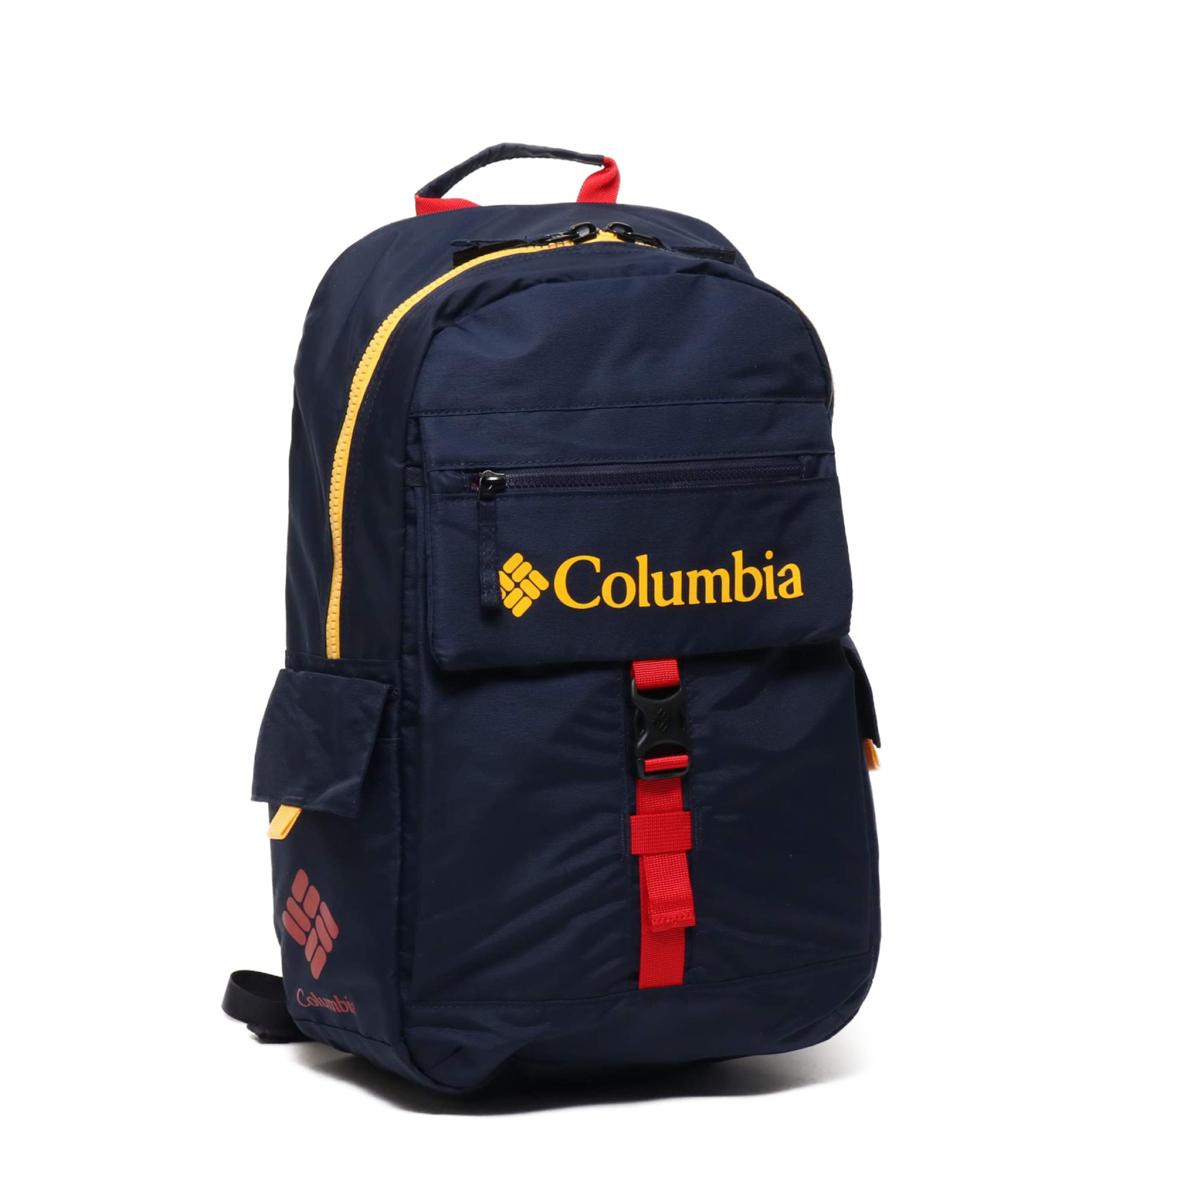 【エントリーで全品10倍】Columbia Popo Dash™ Backpack(コロンビア ポポダッシュ バックパック)Columbia Navy Multi【メンズ レディース バッグ】19FA-I